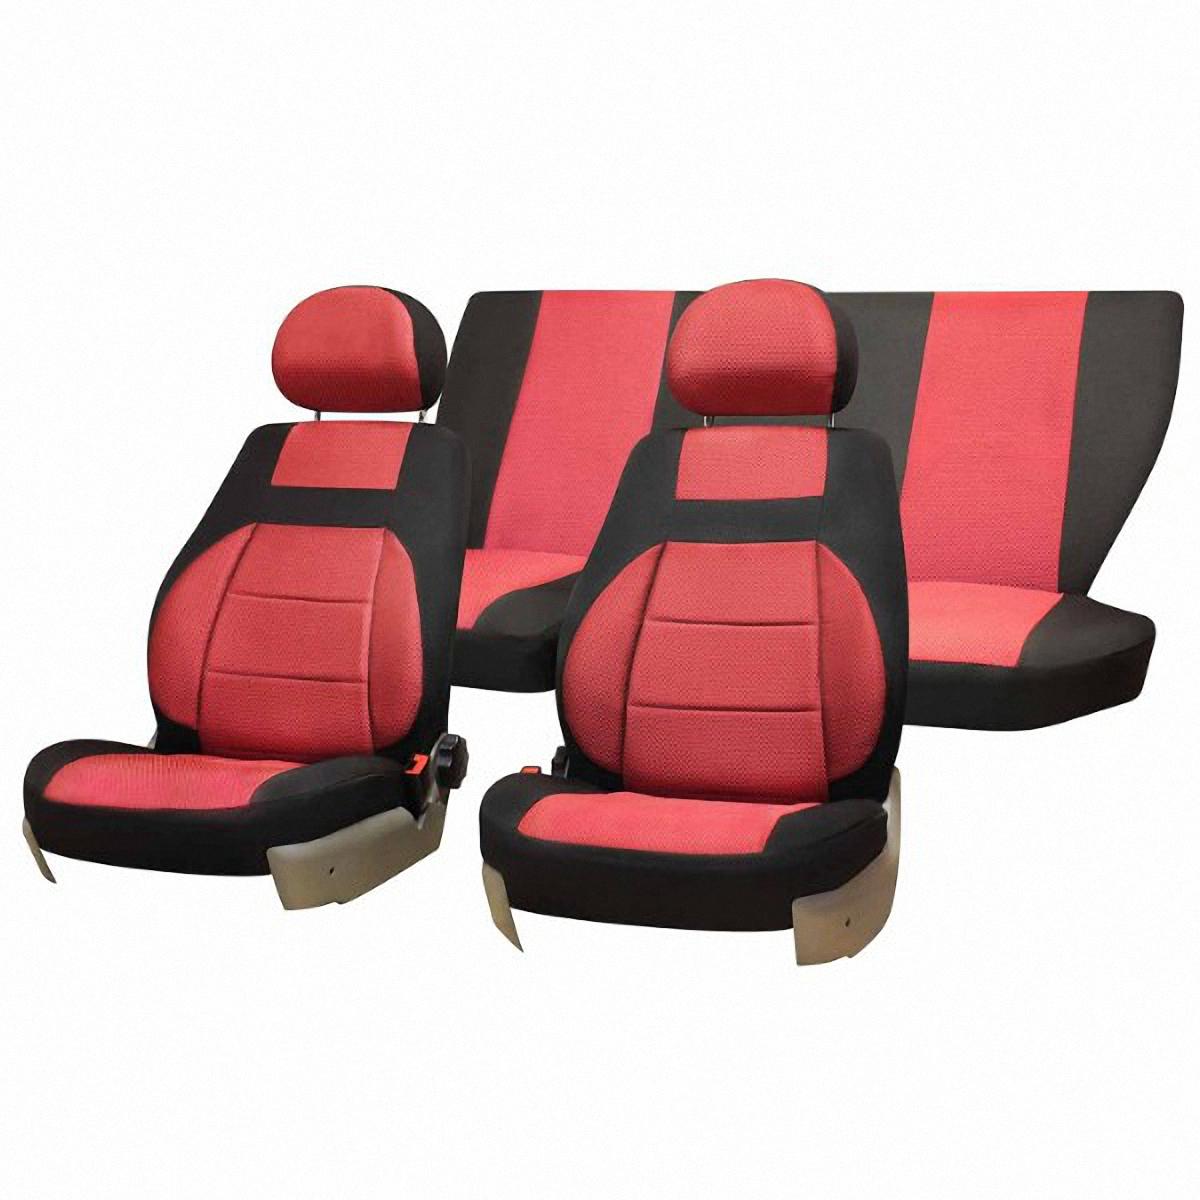 Чехлы автомобильные Skyway, для Lada Granta, цвет: красный, черныйV004-D3Автомобильные чехлы Skyway изготовлены из качественного жаккарда. Чехлы идеально повторяют штатную форму сидений и выглядят как оригинальная обивка сидений. Разработаны индивидуально для каждой модели автомобиля. Авточехлы Skyway просты в уходе - загрязнения легко удаляются влажной тканью. Чехлы имеют раздельную схему надевания. Заднее сиденье - сплошное. В комплекте 11 предметов.